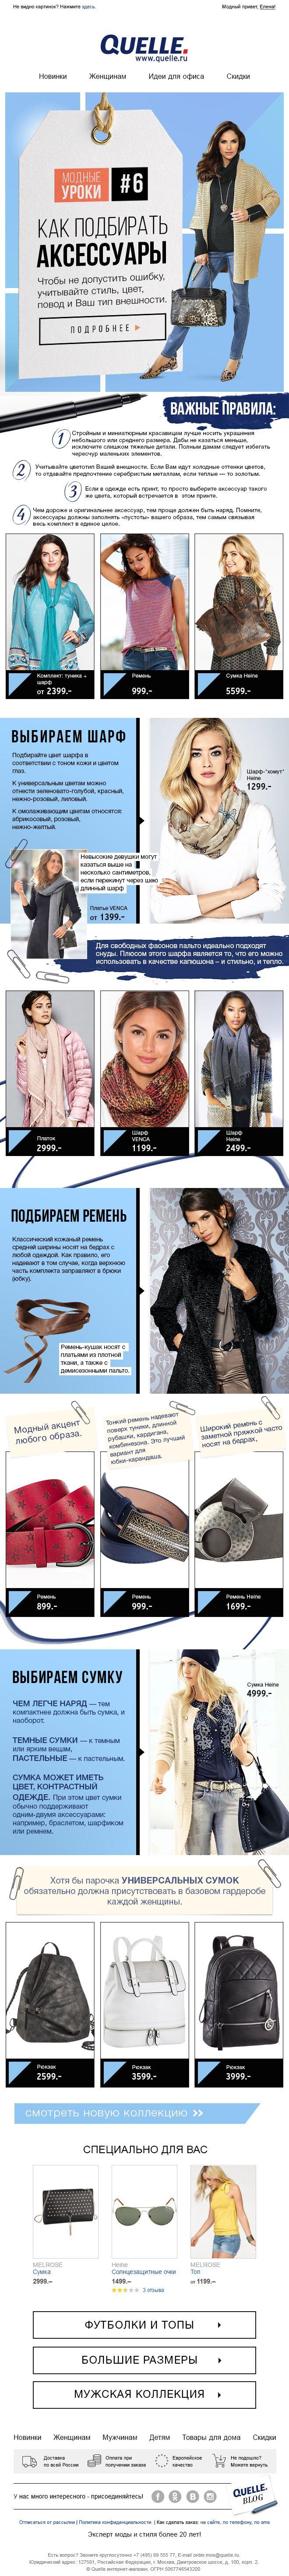 модные уроки, мода, стиль, как подбирать аксессуары, шарф, ремень, сумка, лук, look, fashion, женская одежда